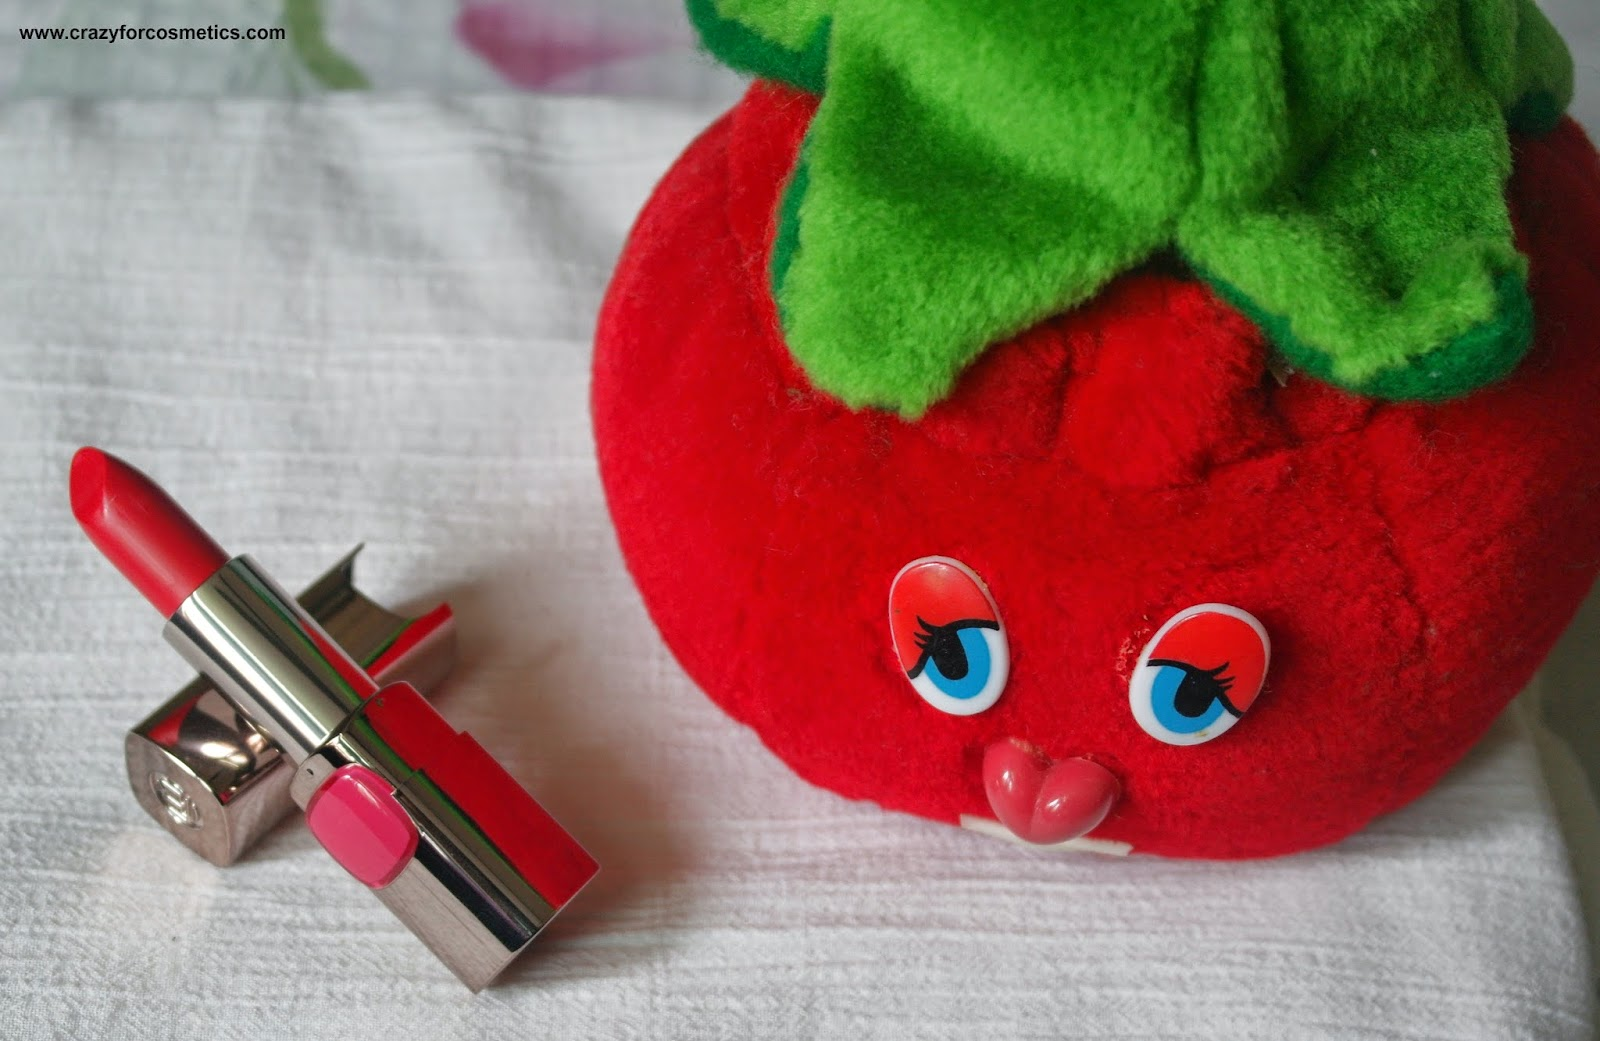 Loreal Moist Matte Lincoln rose lipstick price